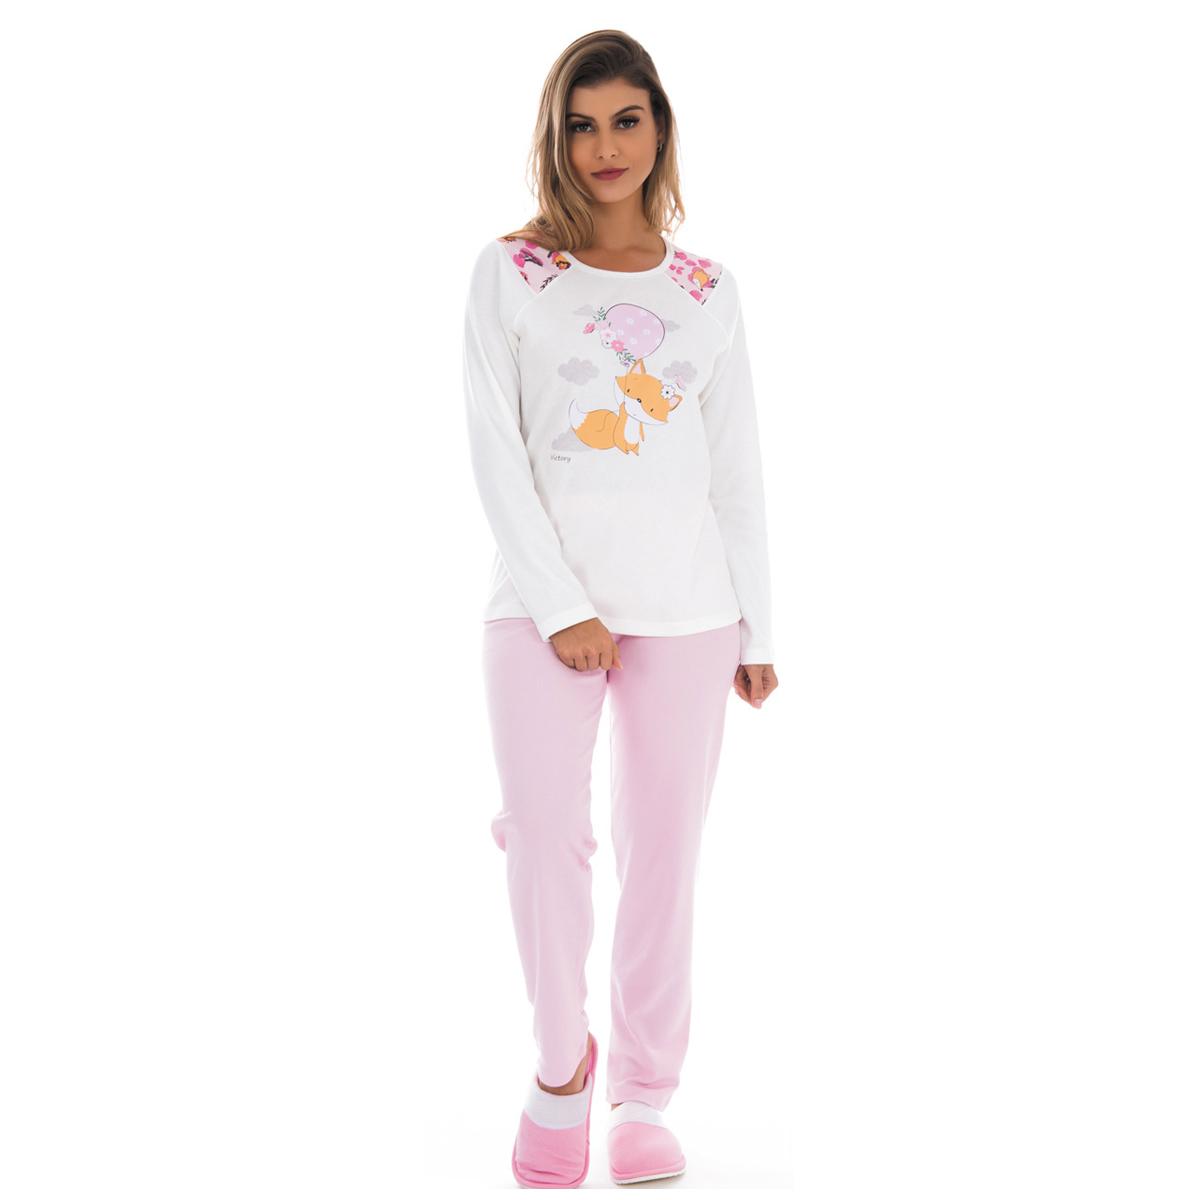 Pijama feminino para o inverno TRADICIONAL Victory